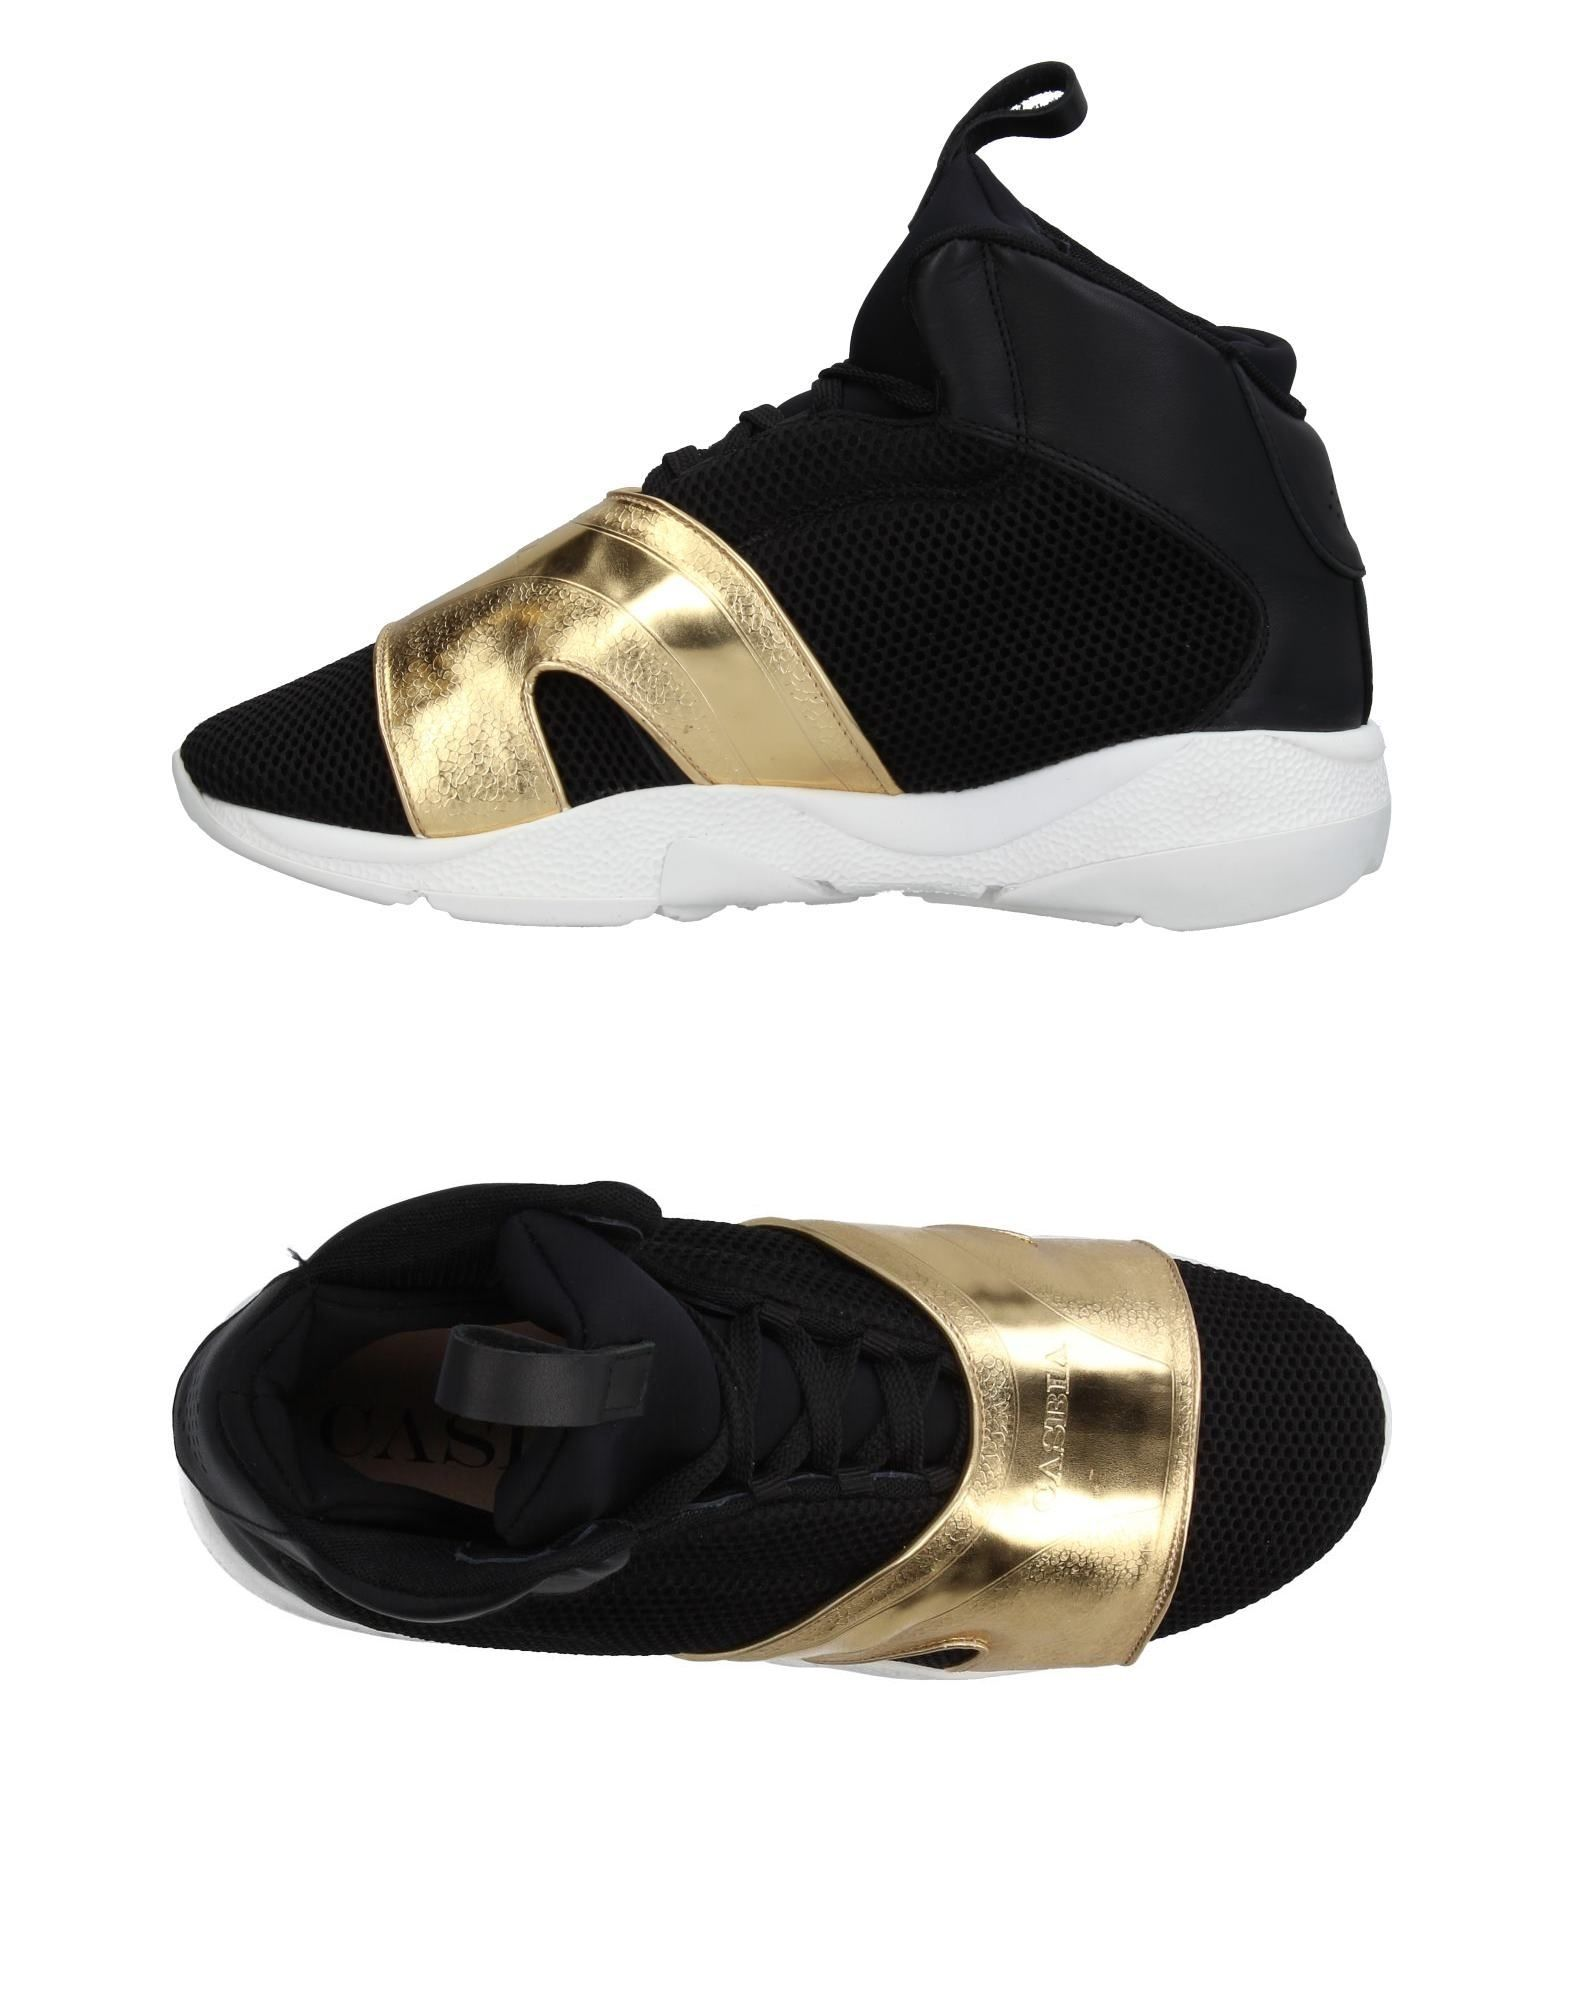 Moda Sneakers Sneakers Moda Casbia Uomo - 11386614LE e4b696